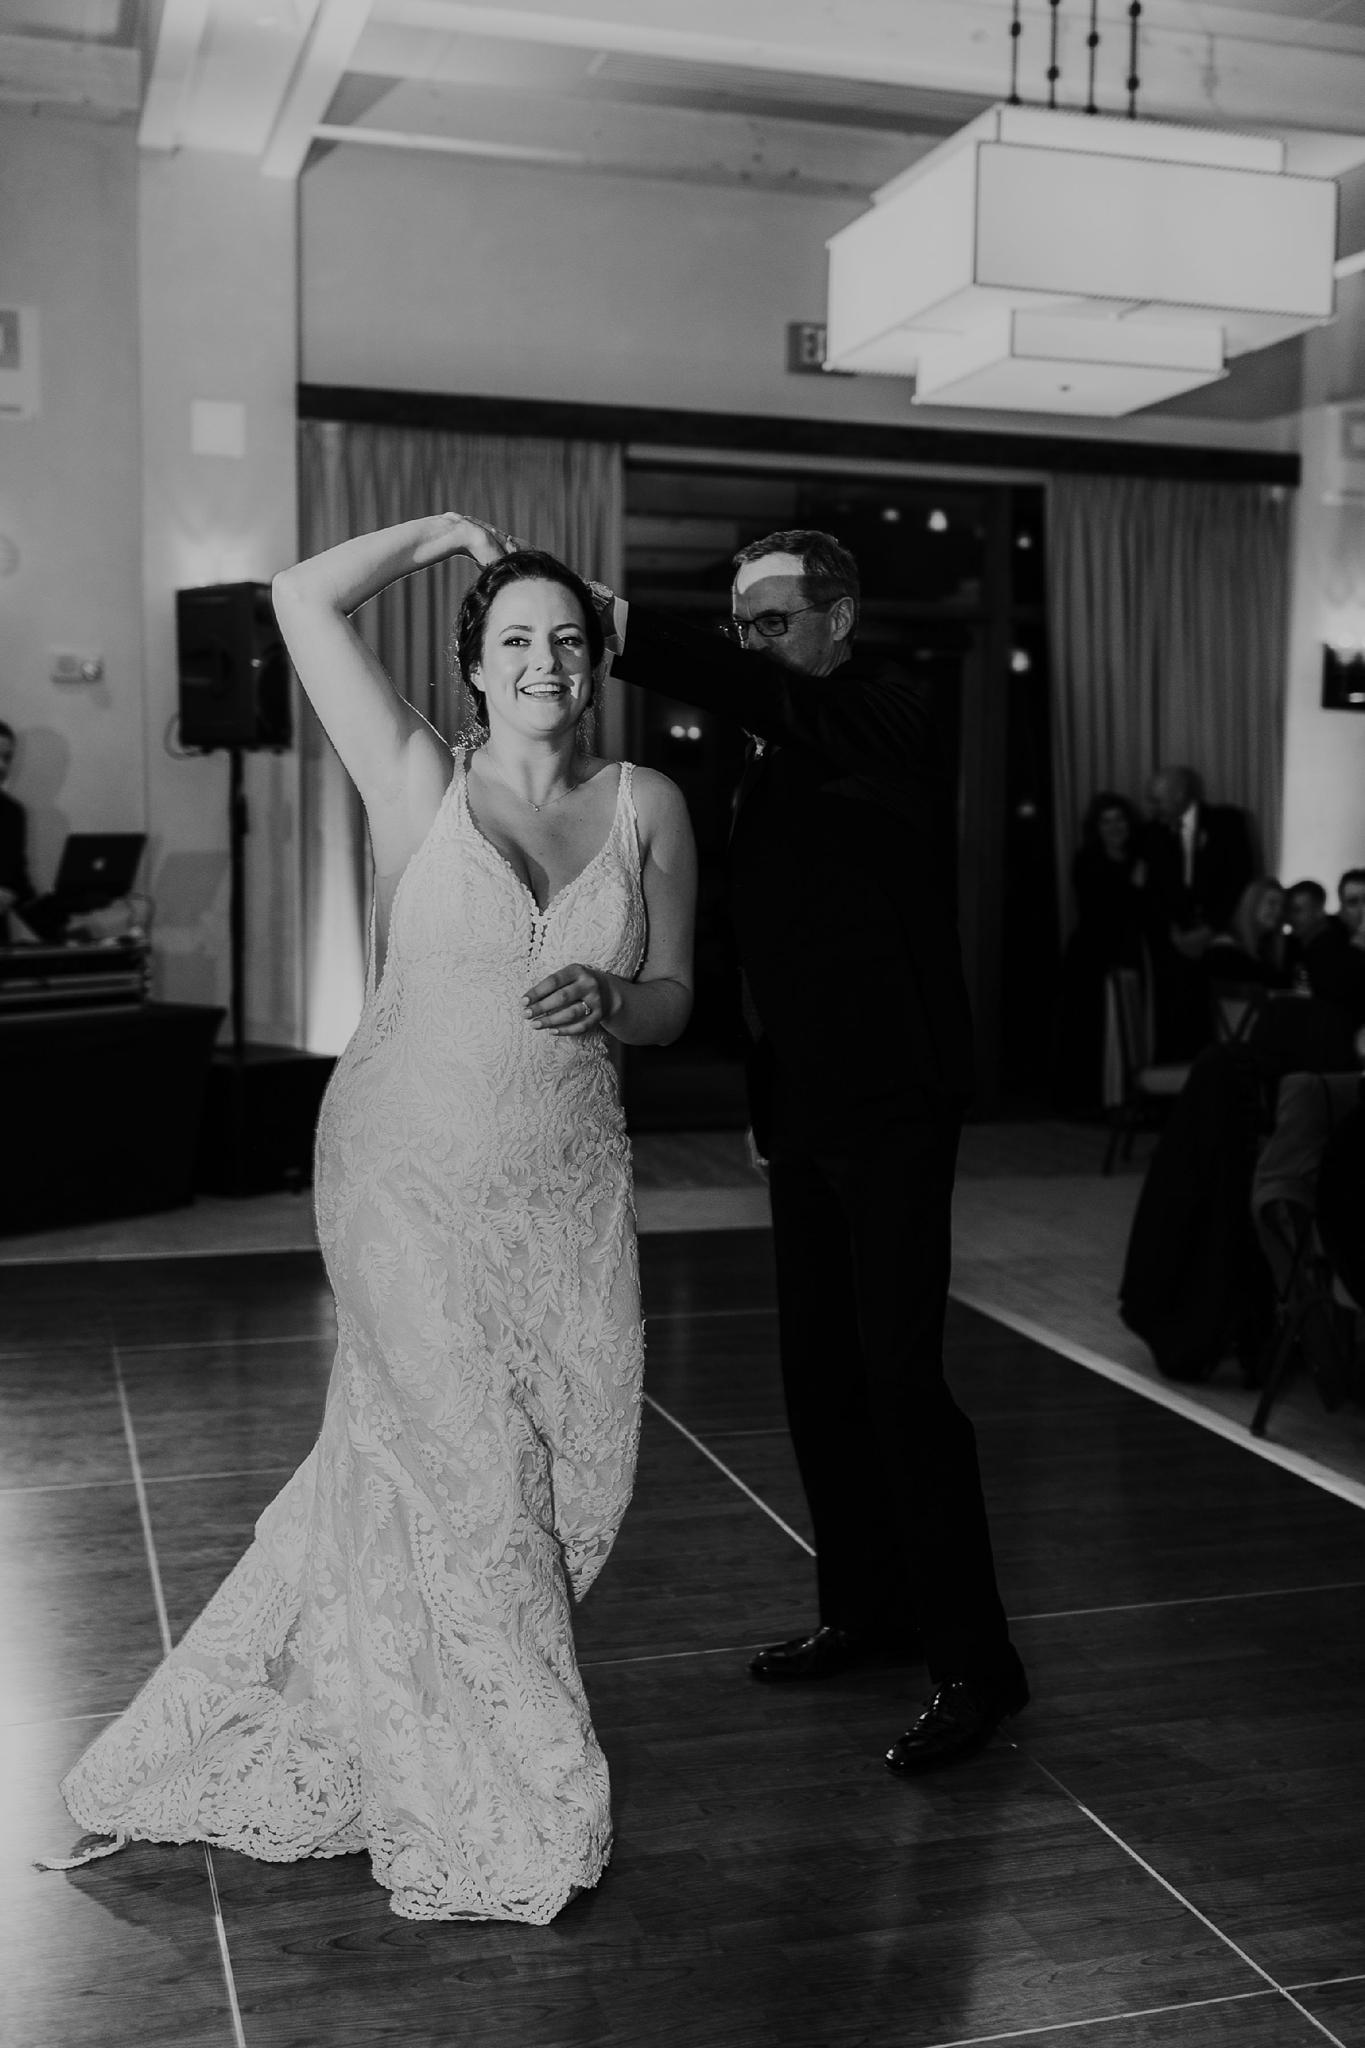 Alicia+lucia+photography+-+albuquerque+wedding+photographer+-+santa+fe+wedding+photography+-+new+mexico+wedding+photographer+-+new+mexico+wedding+-+santa+fe+wedding+-+four+seasons+wedding+-+winter+wedding_0143.jpg